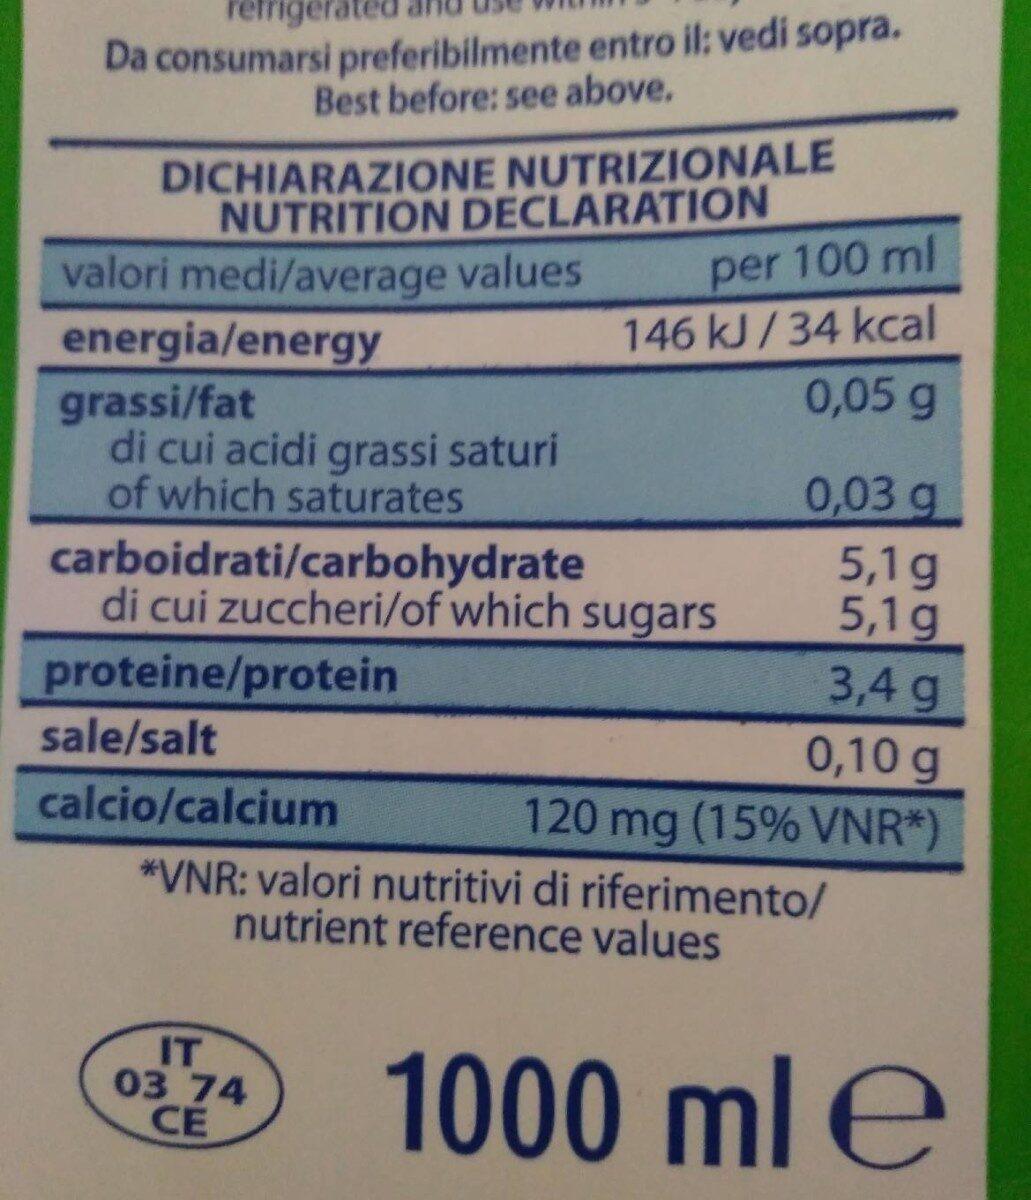 Latte scremato microfiltrato - Informations nutritionnelles - fr